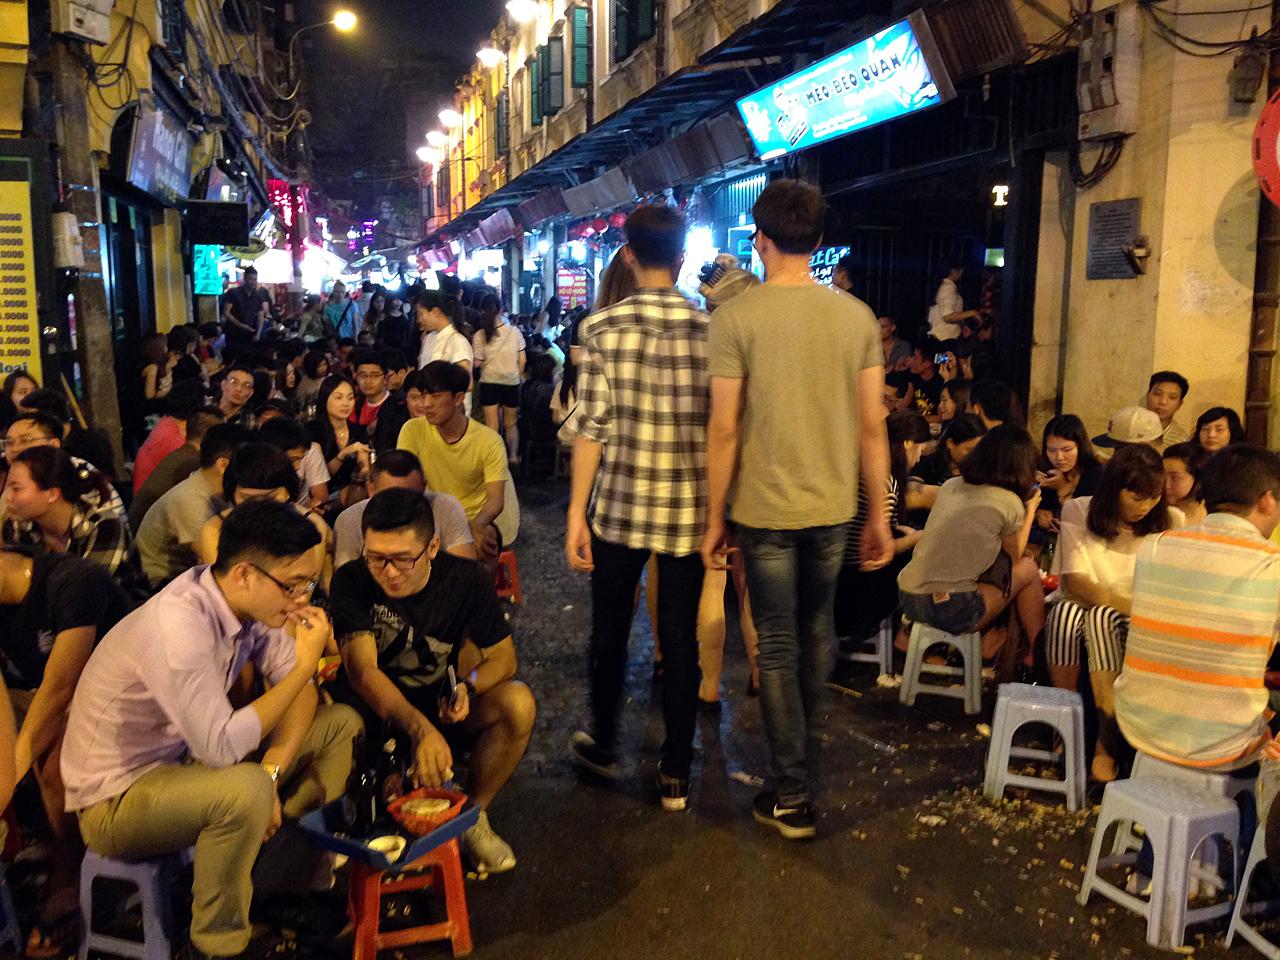 하노이 '맥주 거리'. 태국 카오산로드는 명함도 못 내밀 인구 밀도를 자랑한다. 목욕탕 의자에 앉아 기울이는 맥주 한 잔.